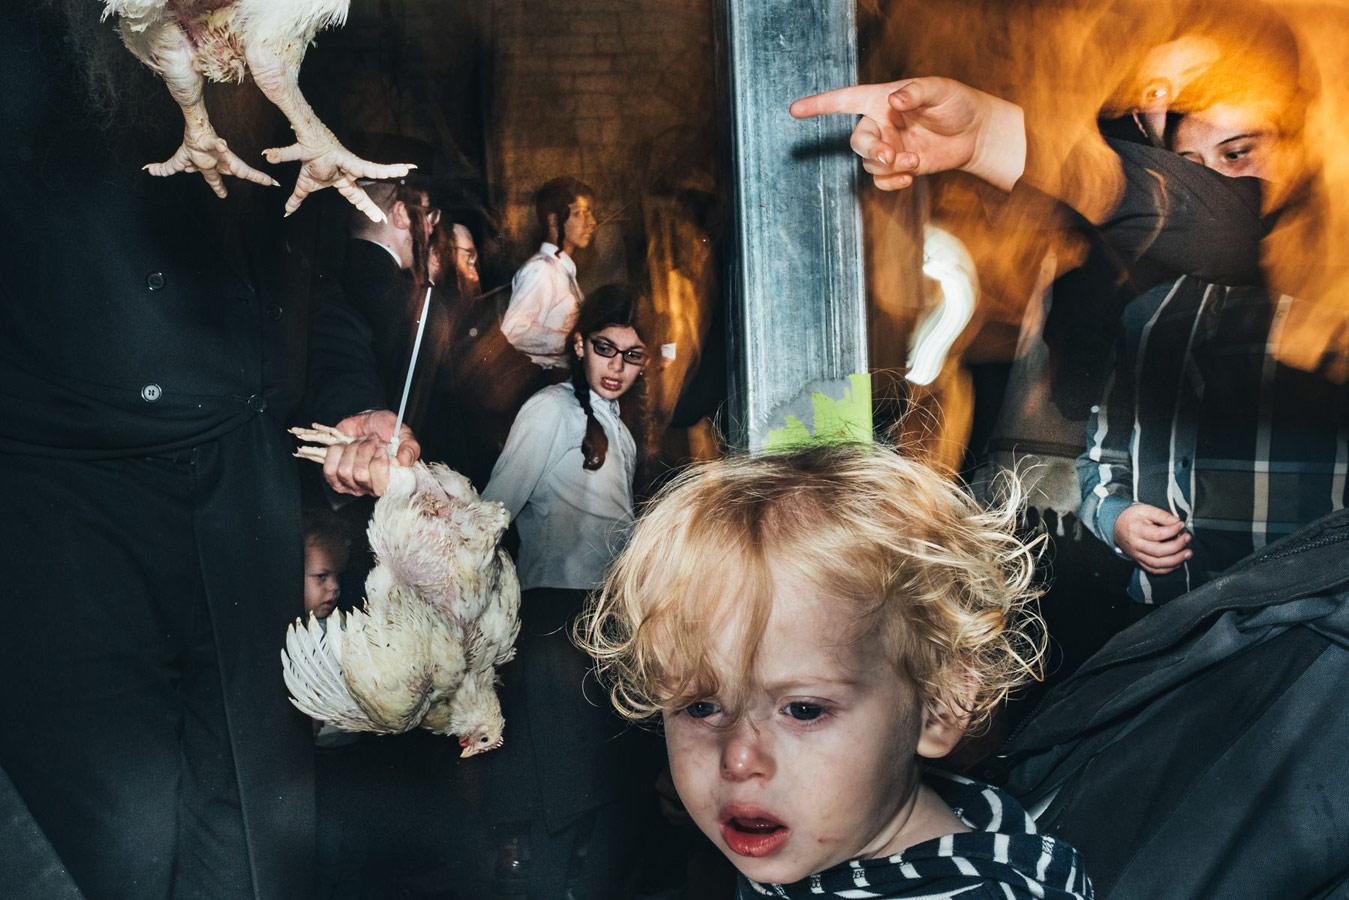 Из «Потока Духа», © Барри Талис, Израиль, 2 место, Фотоконкурс уличной фотографии LensCulture